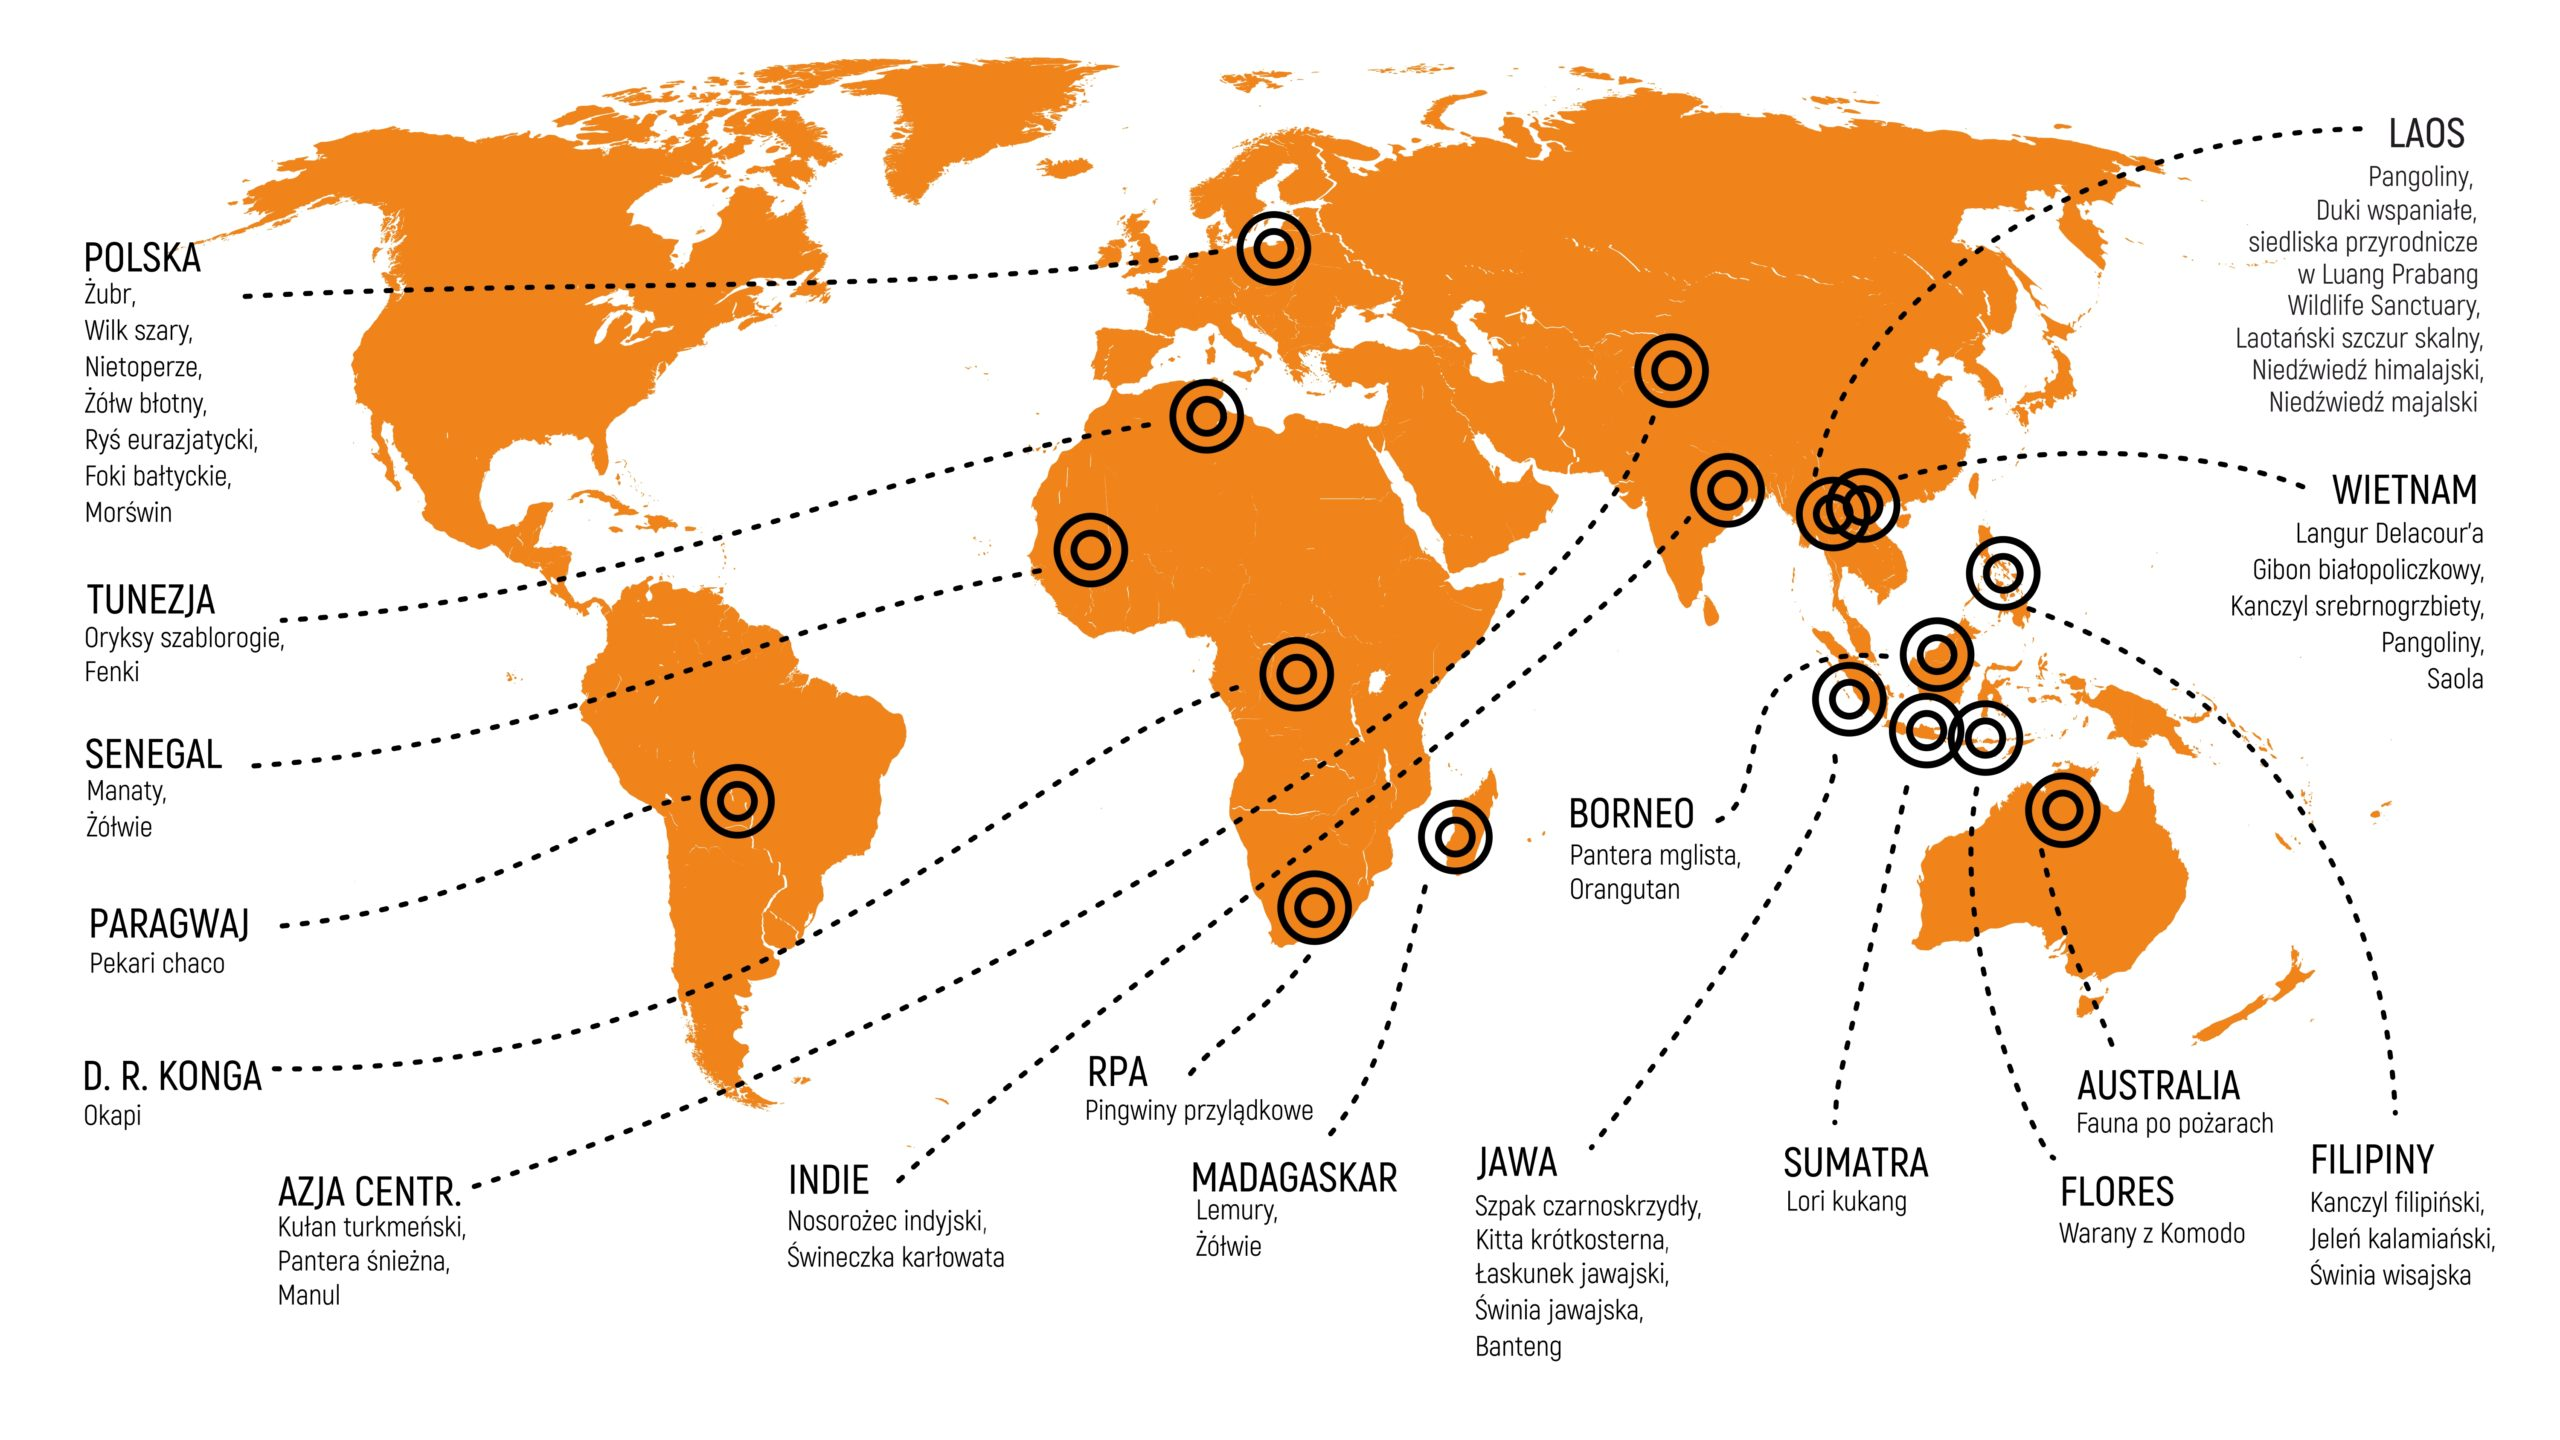 Mapa projektów Fundacji Dodo z wyszczególnieniem gatunków